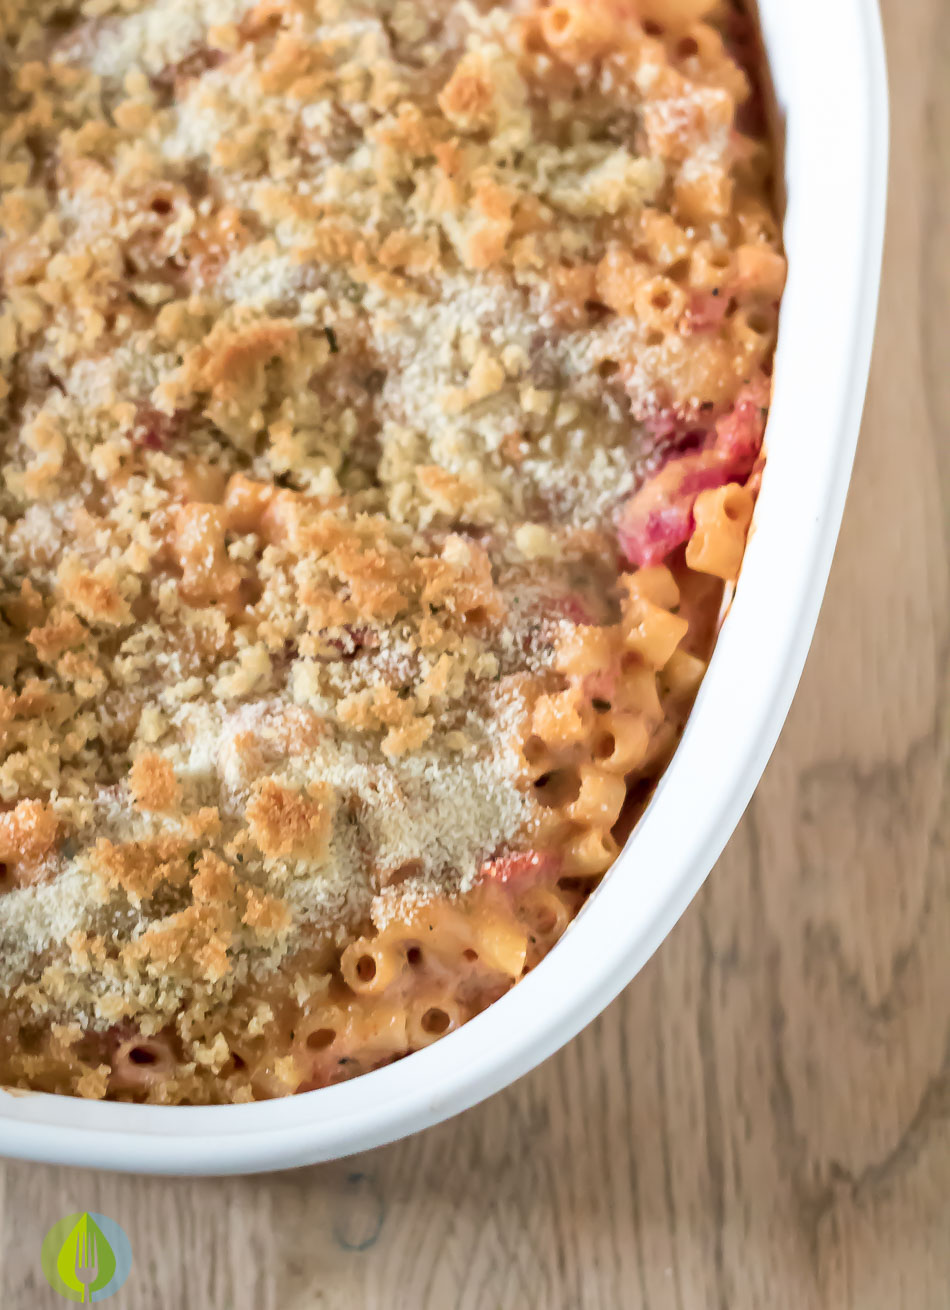 Creamy Tomato Mac & Cheese Bake | infinebalance.com